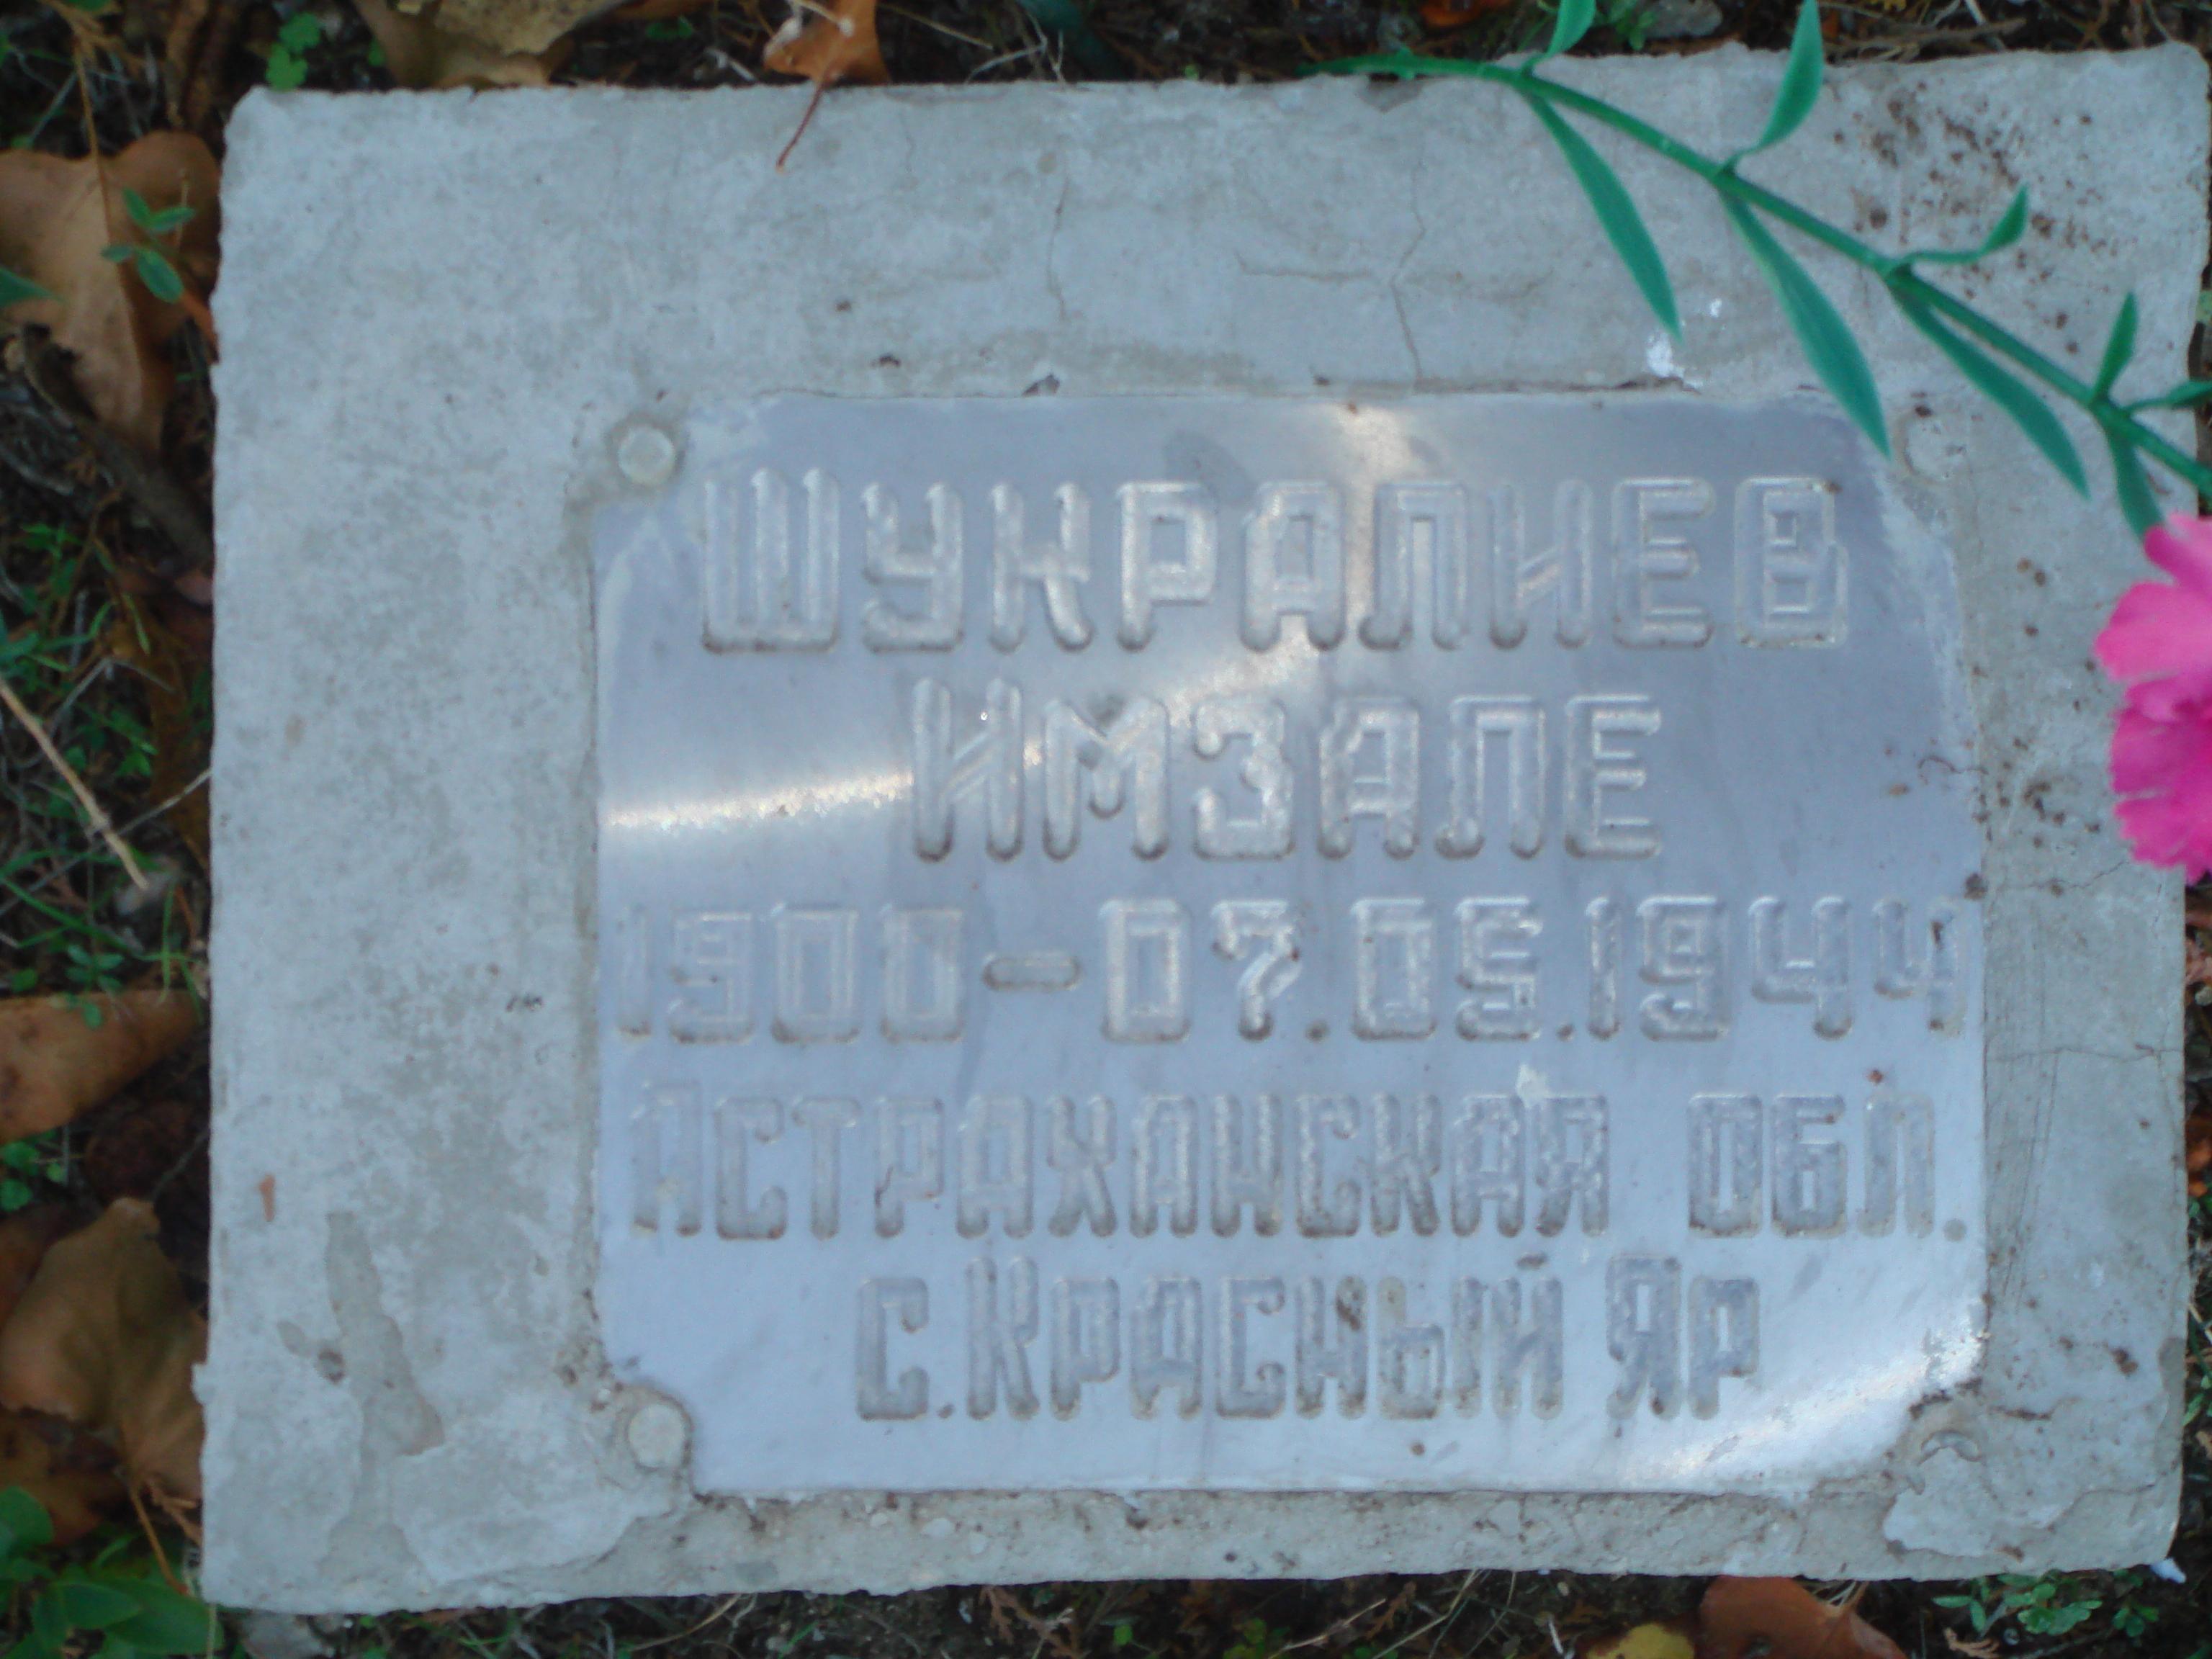 Шукралиев Имзале, 1900-1944